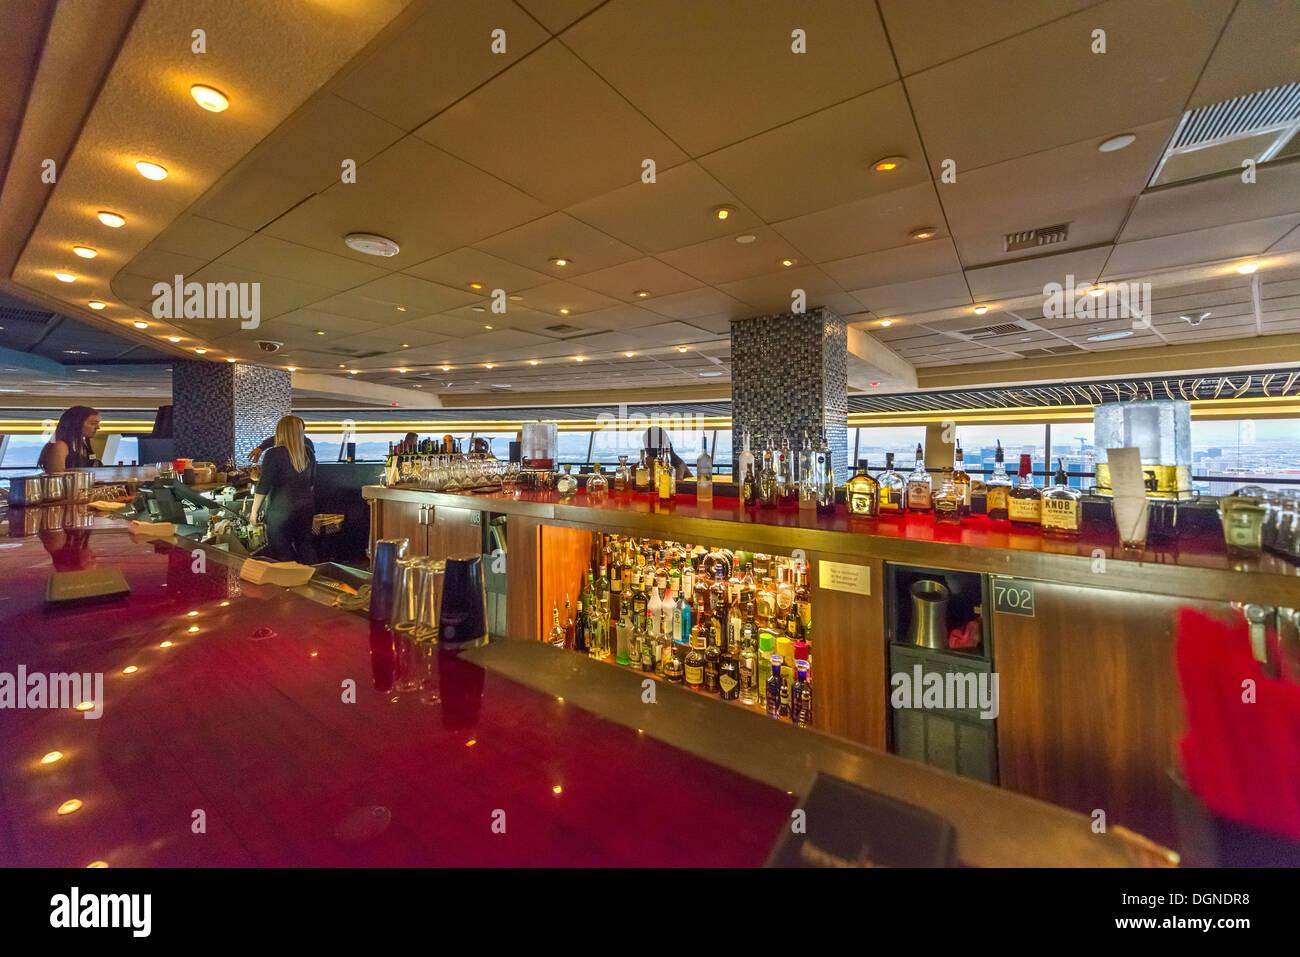 El nivel 107 Lounge en el hotel Stratosphere Tower, Las Vegas, Nevada. Imagen De Stock